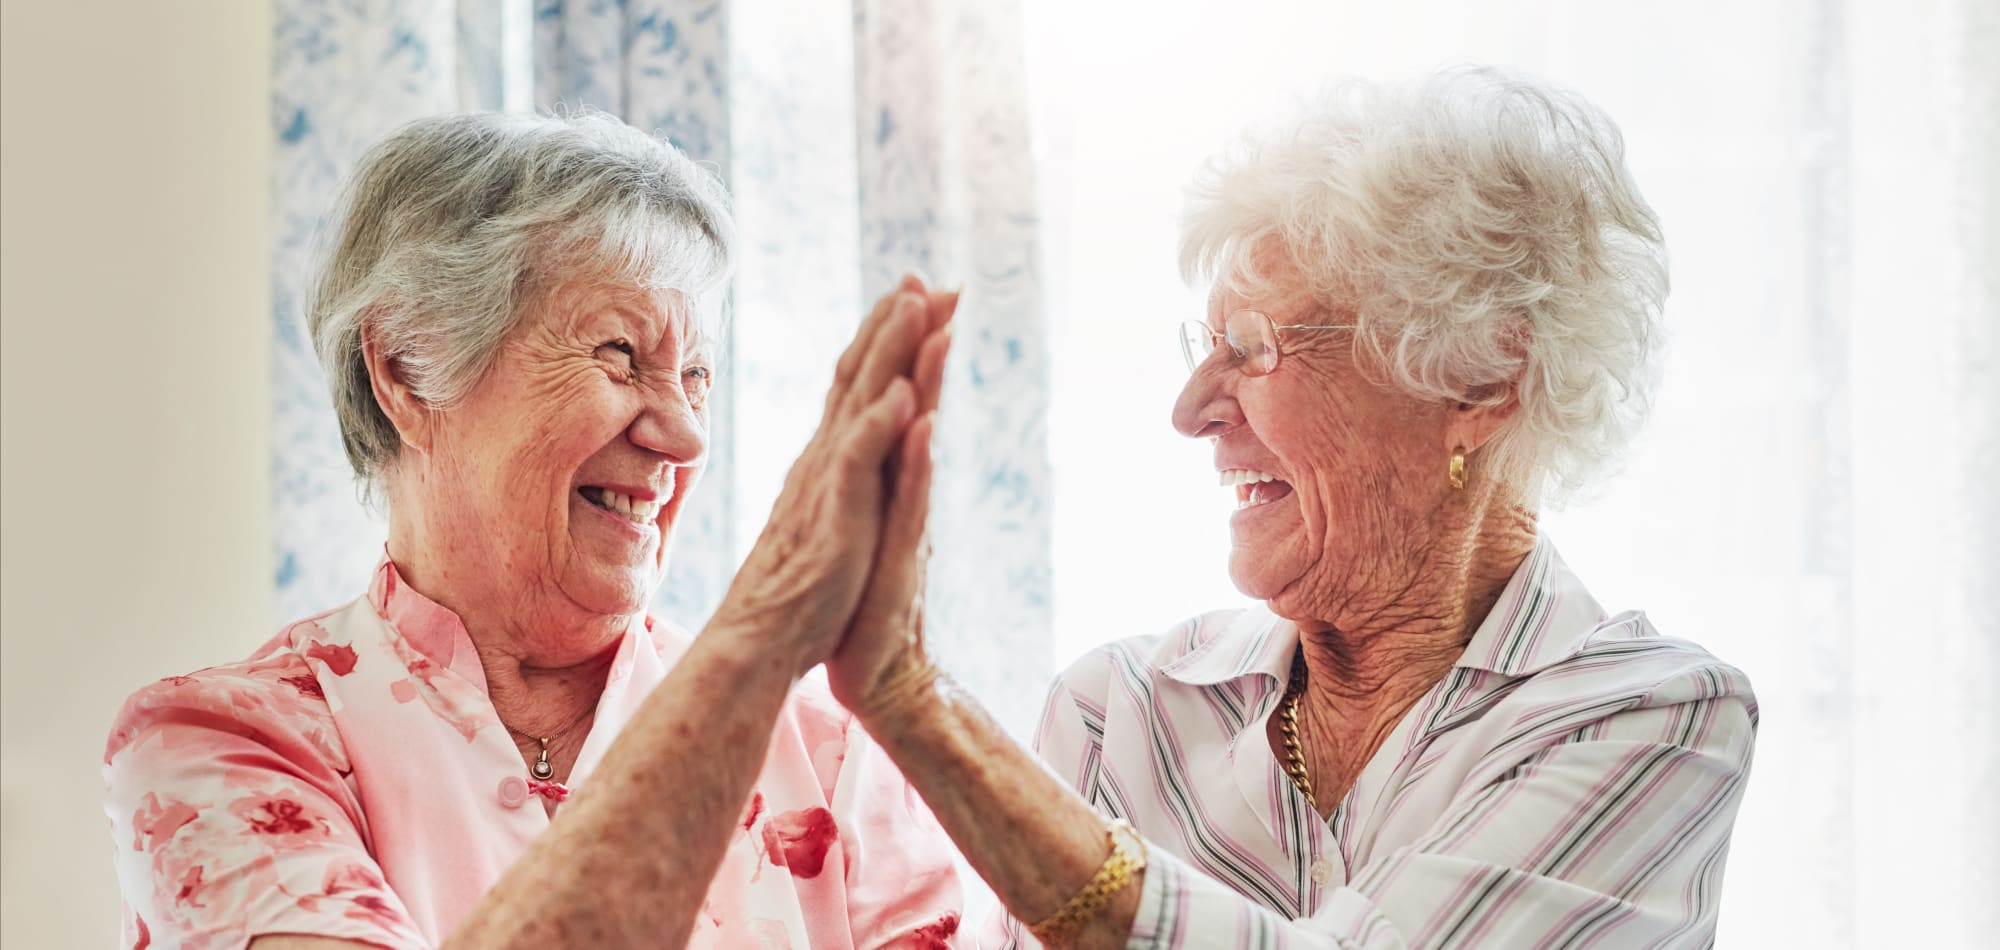 Respite care at Holstein Senior Living in Holstein, Iowa.